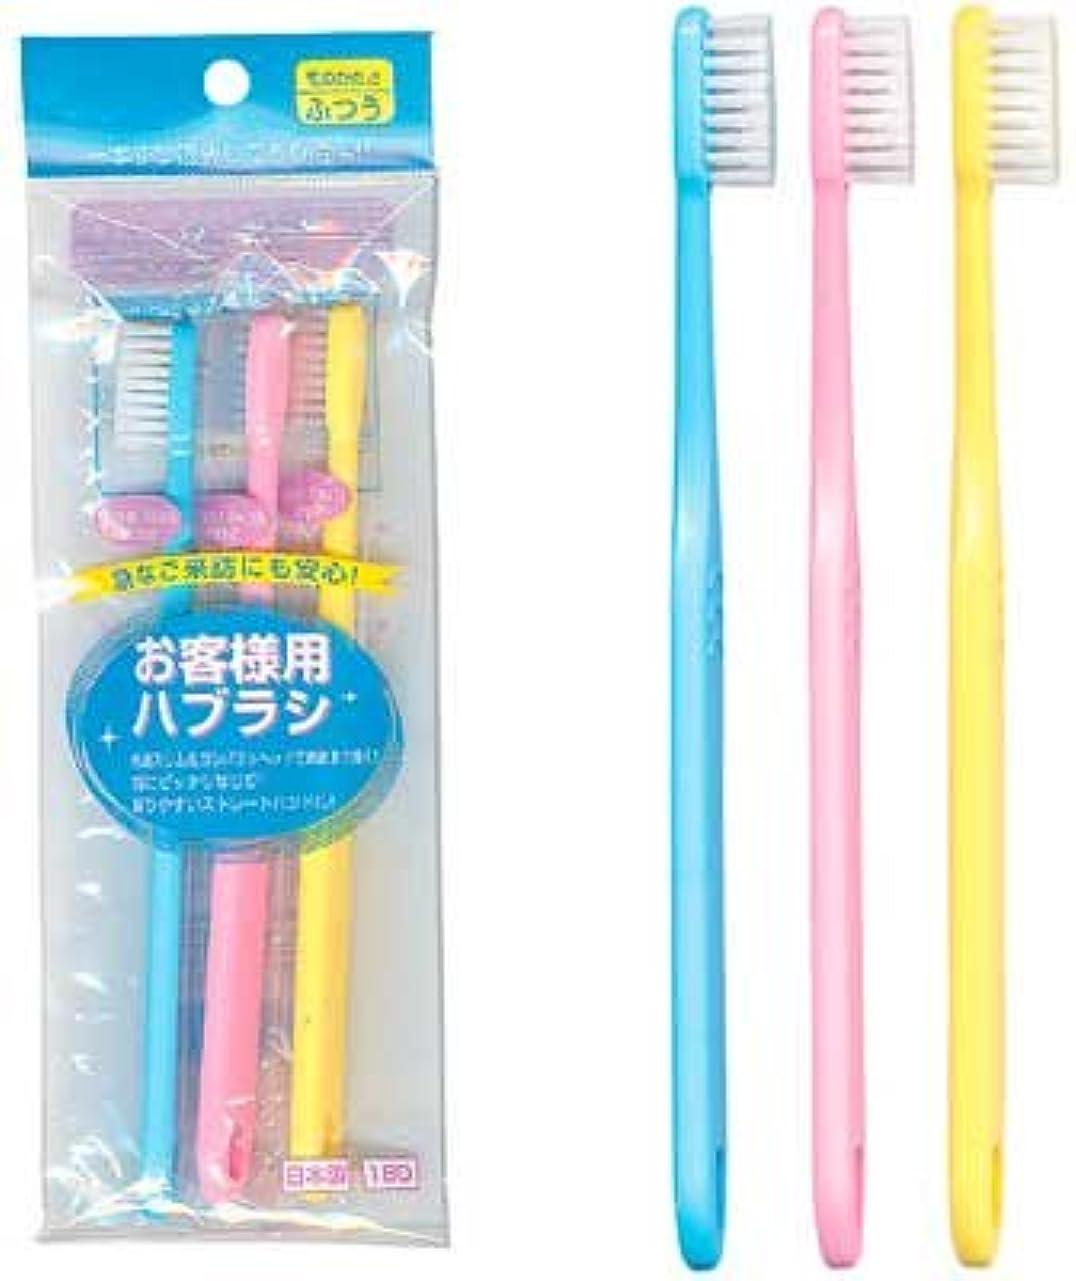 埋める論争的タンクお客様用歯ブラシ(3P) 【まとめ買い12個セット】 41-006